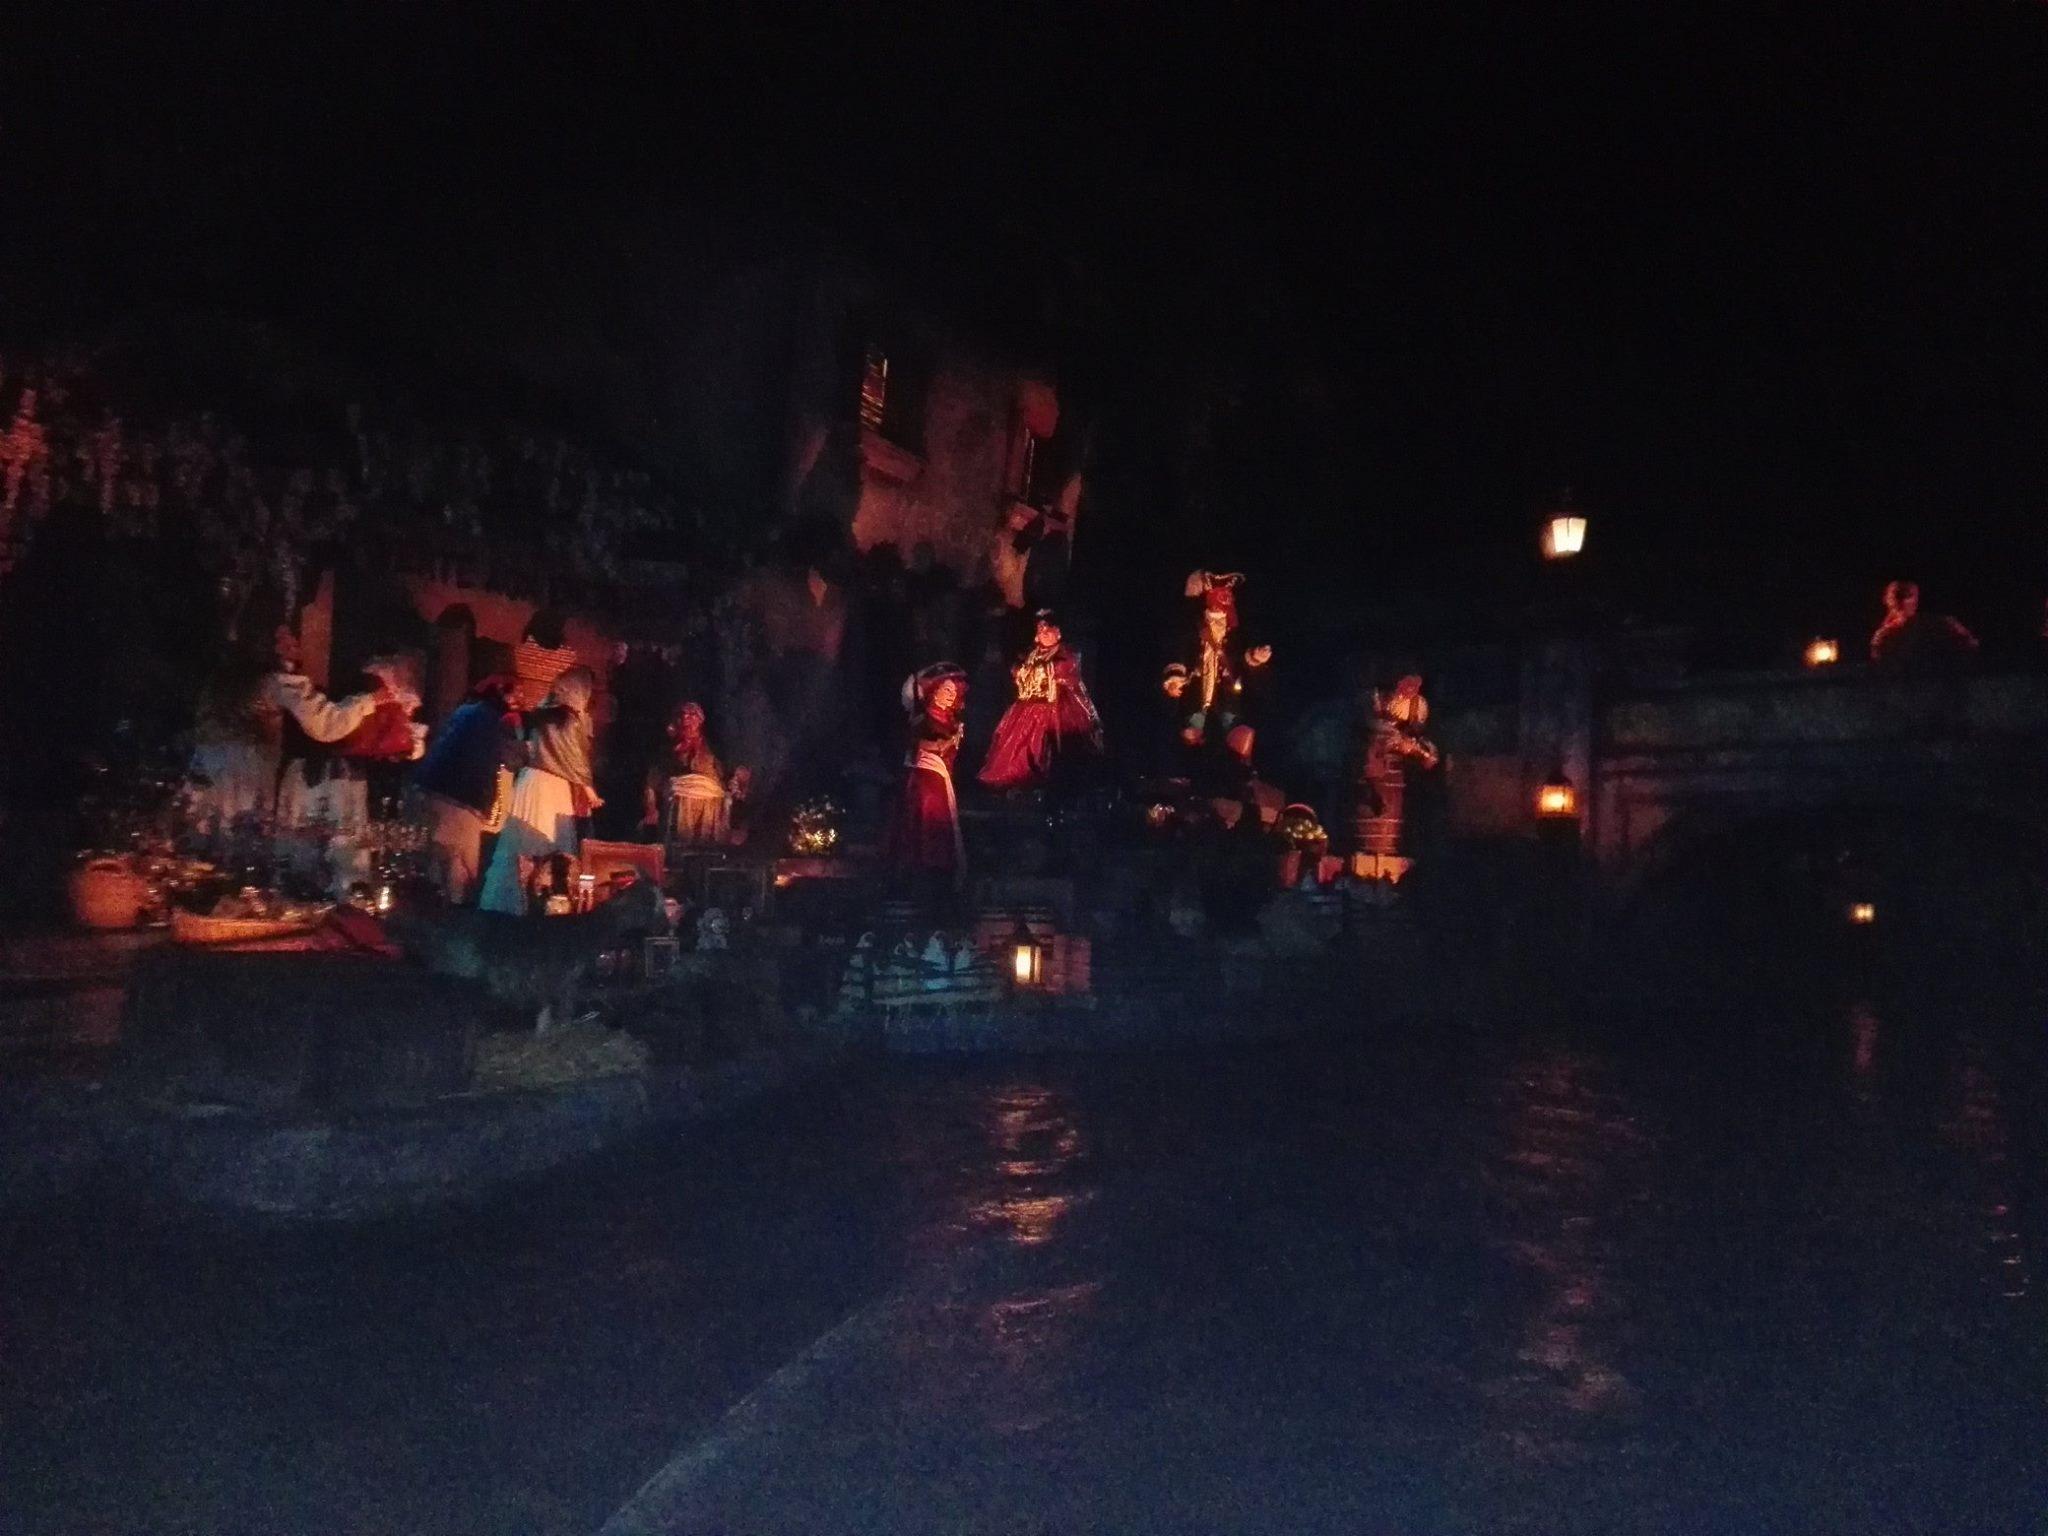 Scènes au village - Pirates des Caraïbes - Disneyland Paris